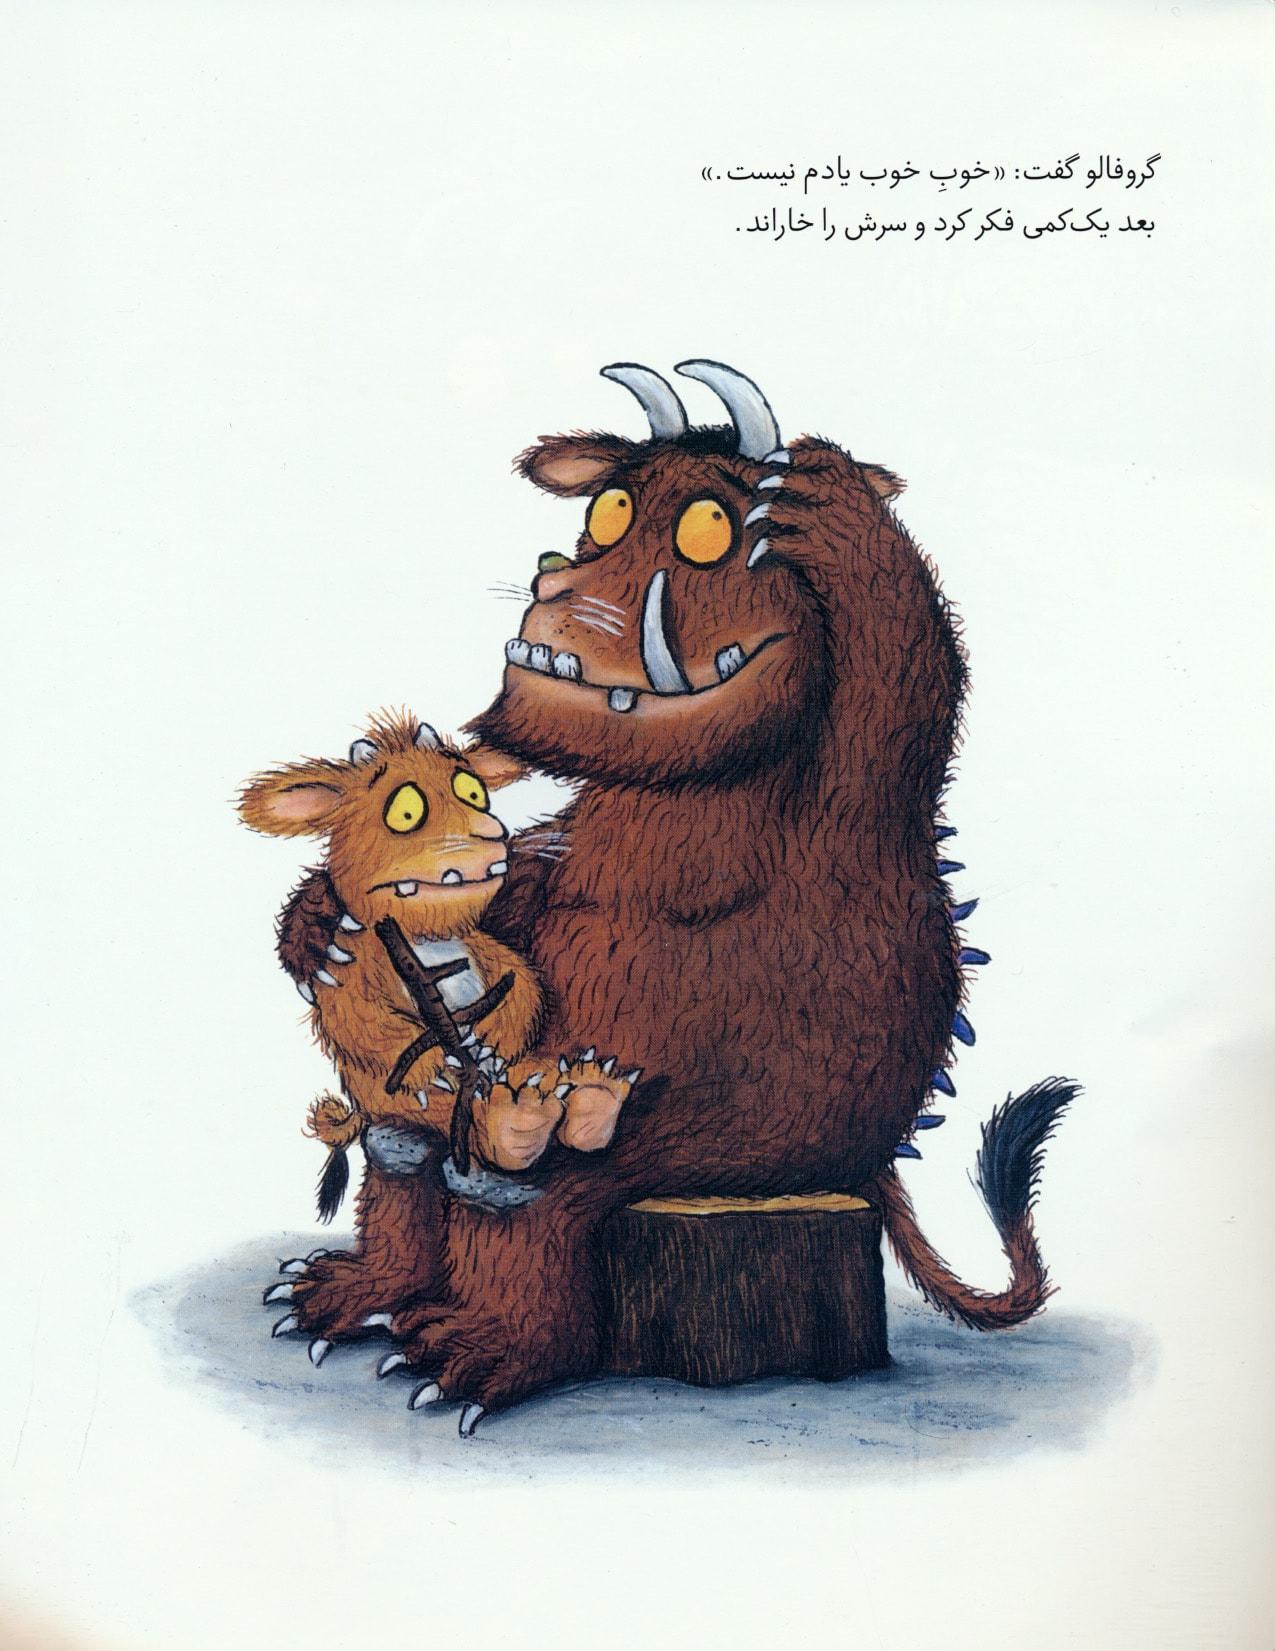 بچه گروفالو و موش ناقلا (گلاسه)